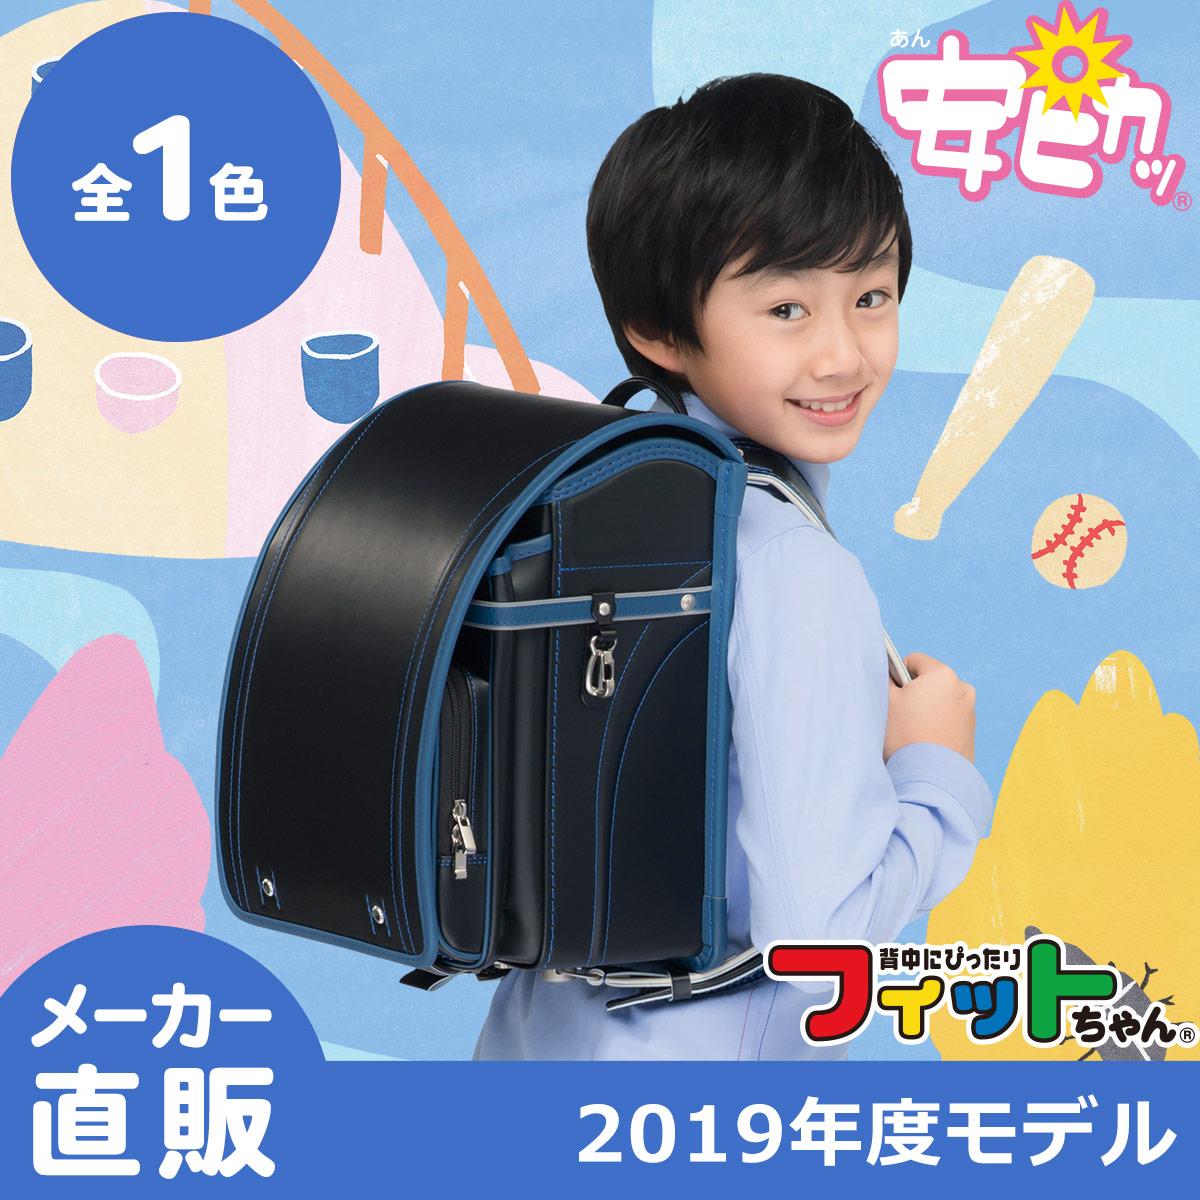 安ピカ フィットちゃん グッドボーイ 安ピカッタイプ(FIT-205AZ)2019年モデル フィットちゃんランドセルA4フラットファイル収納サイズ